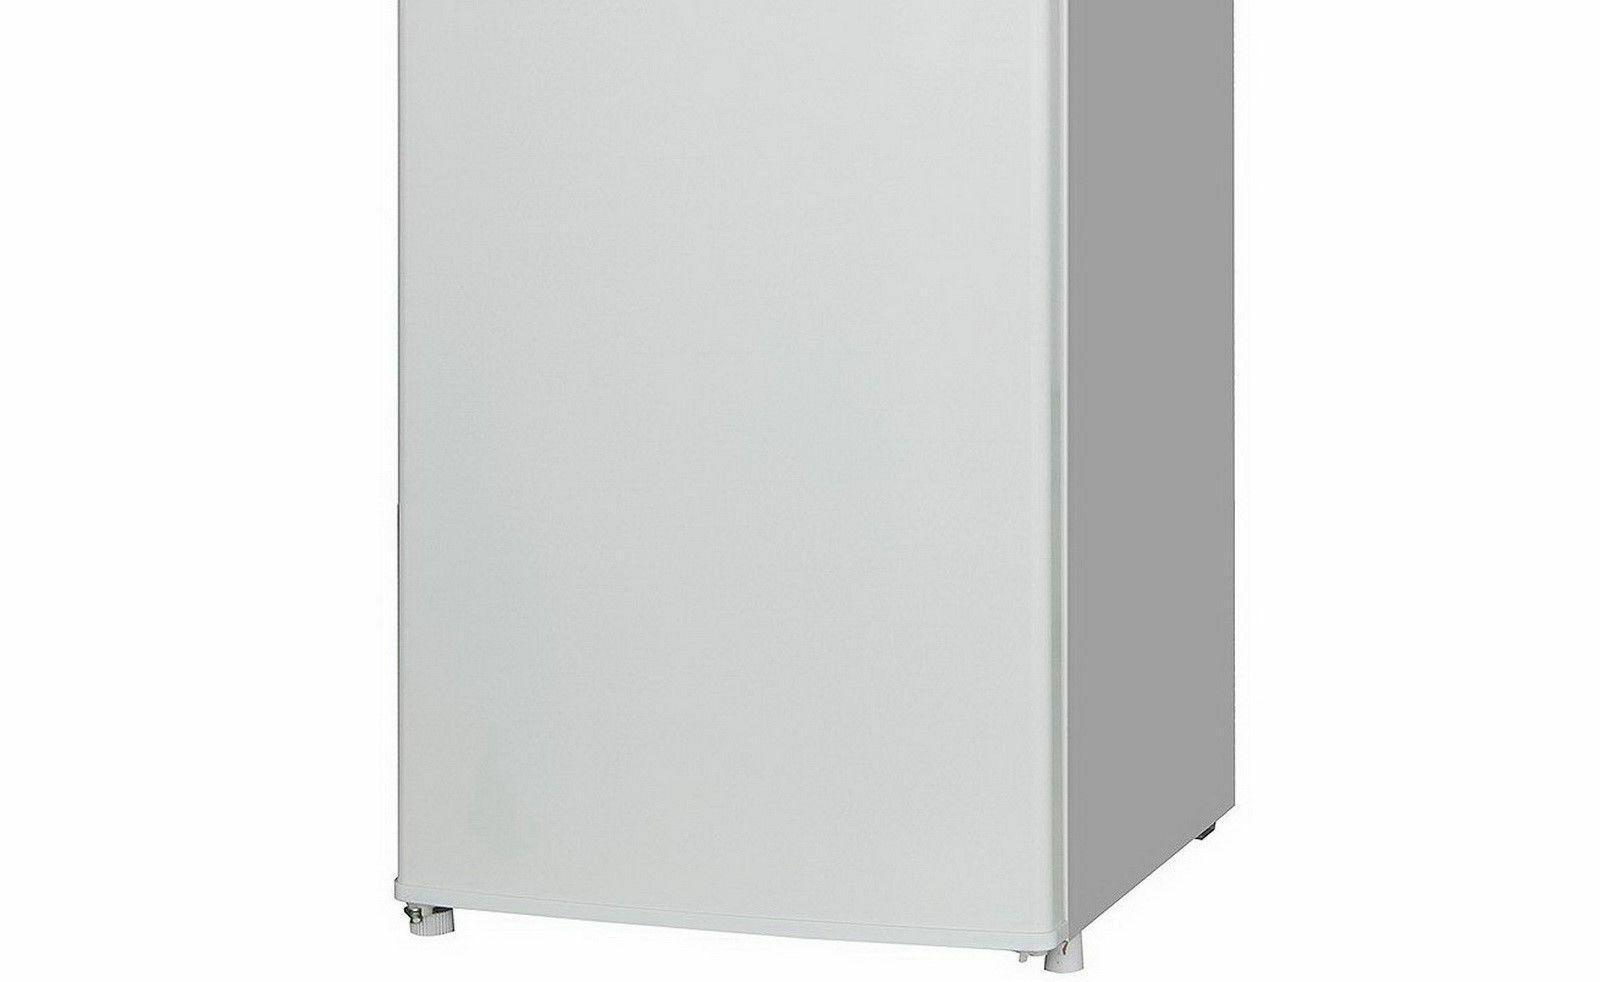 Upright Freezer 6.5 cu. ft. door